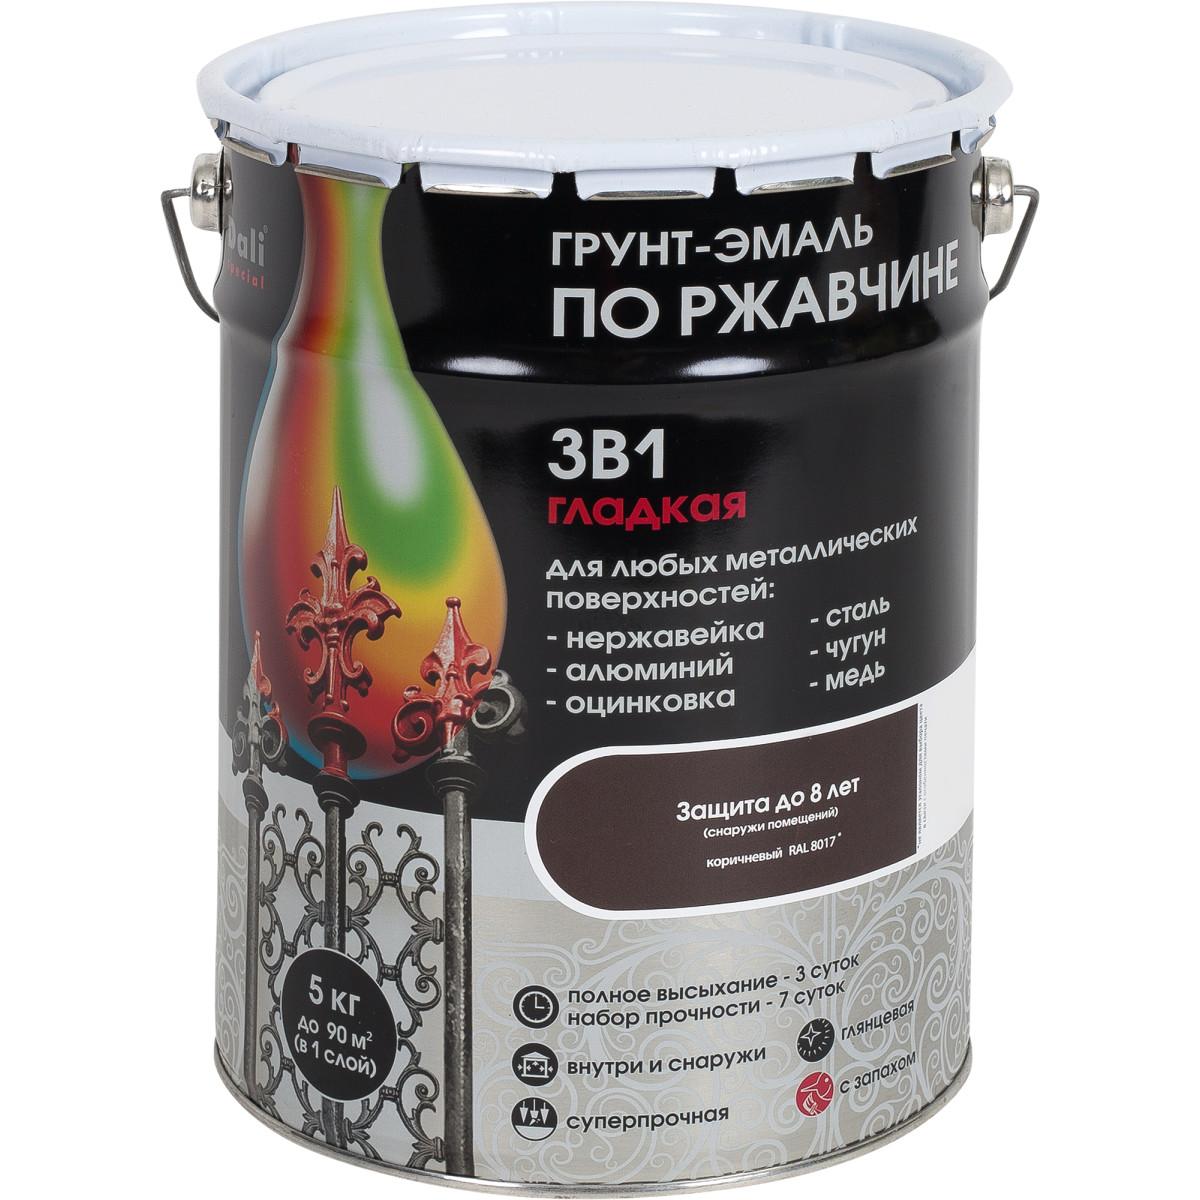 Грунт эмаль по ржавчине 3 в 1 гладкая Dali Special цвет коричневый 5 кг